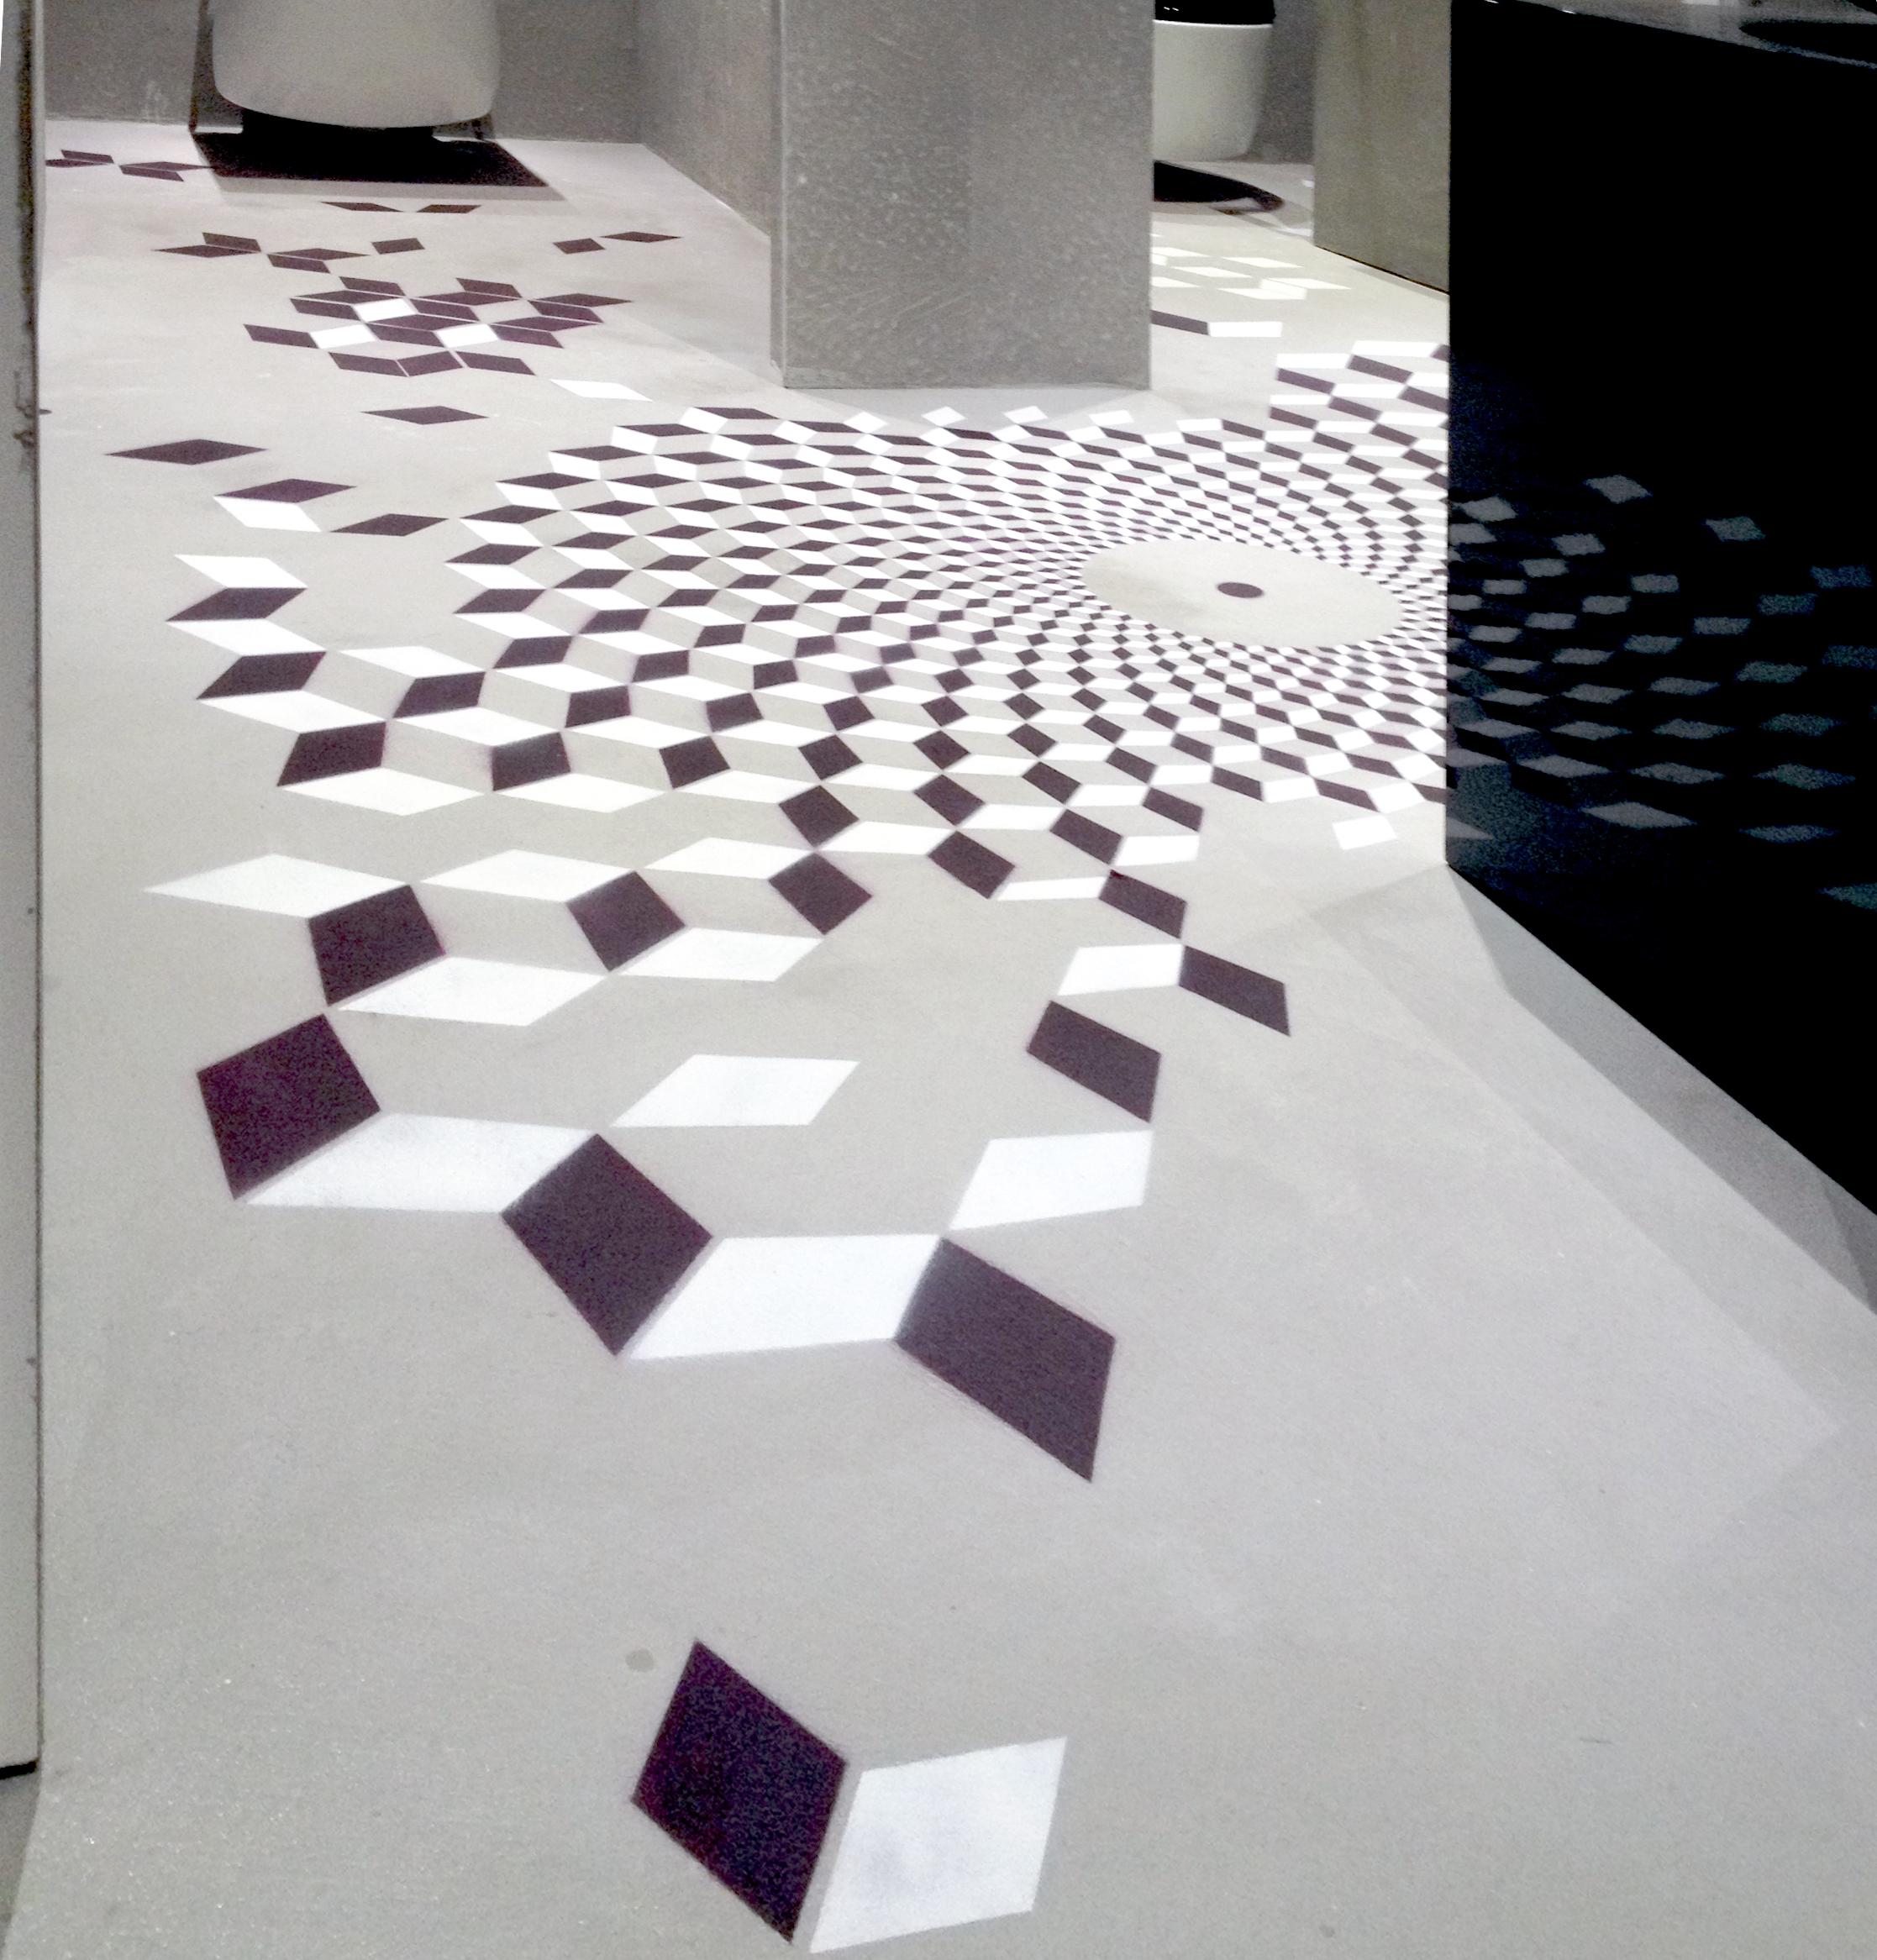 Pavimenti per uffici all'Eur, il nono piano